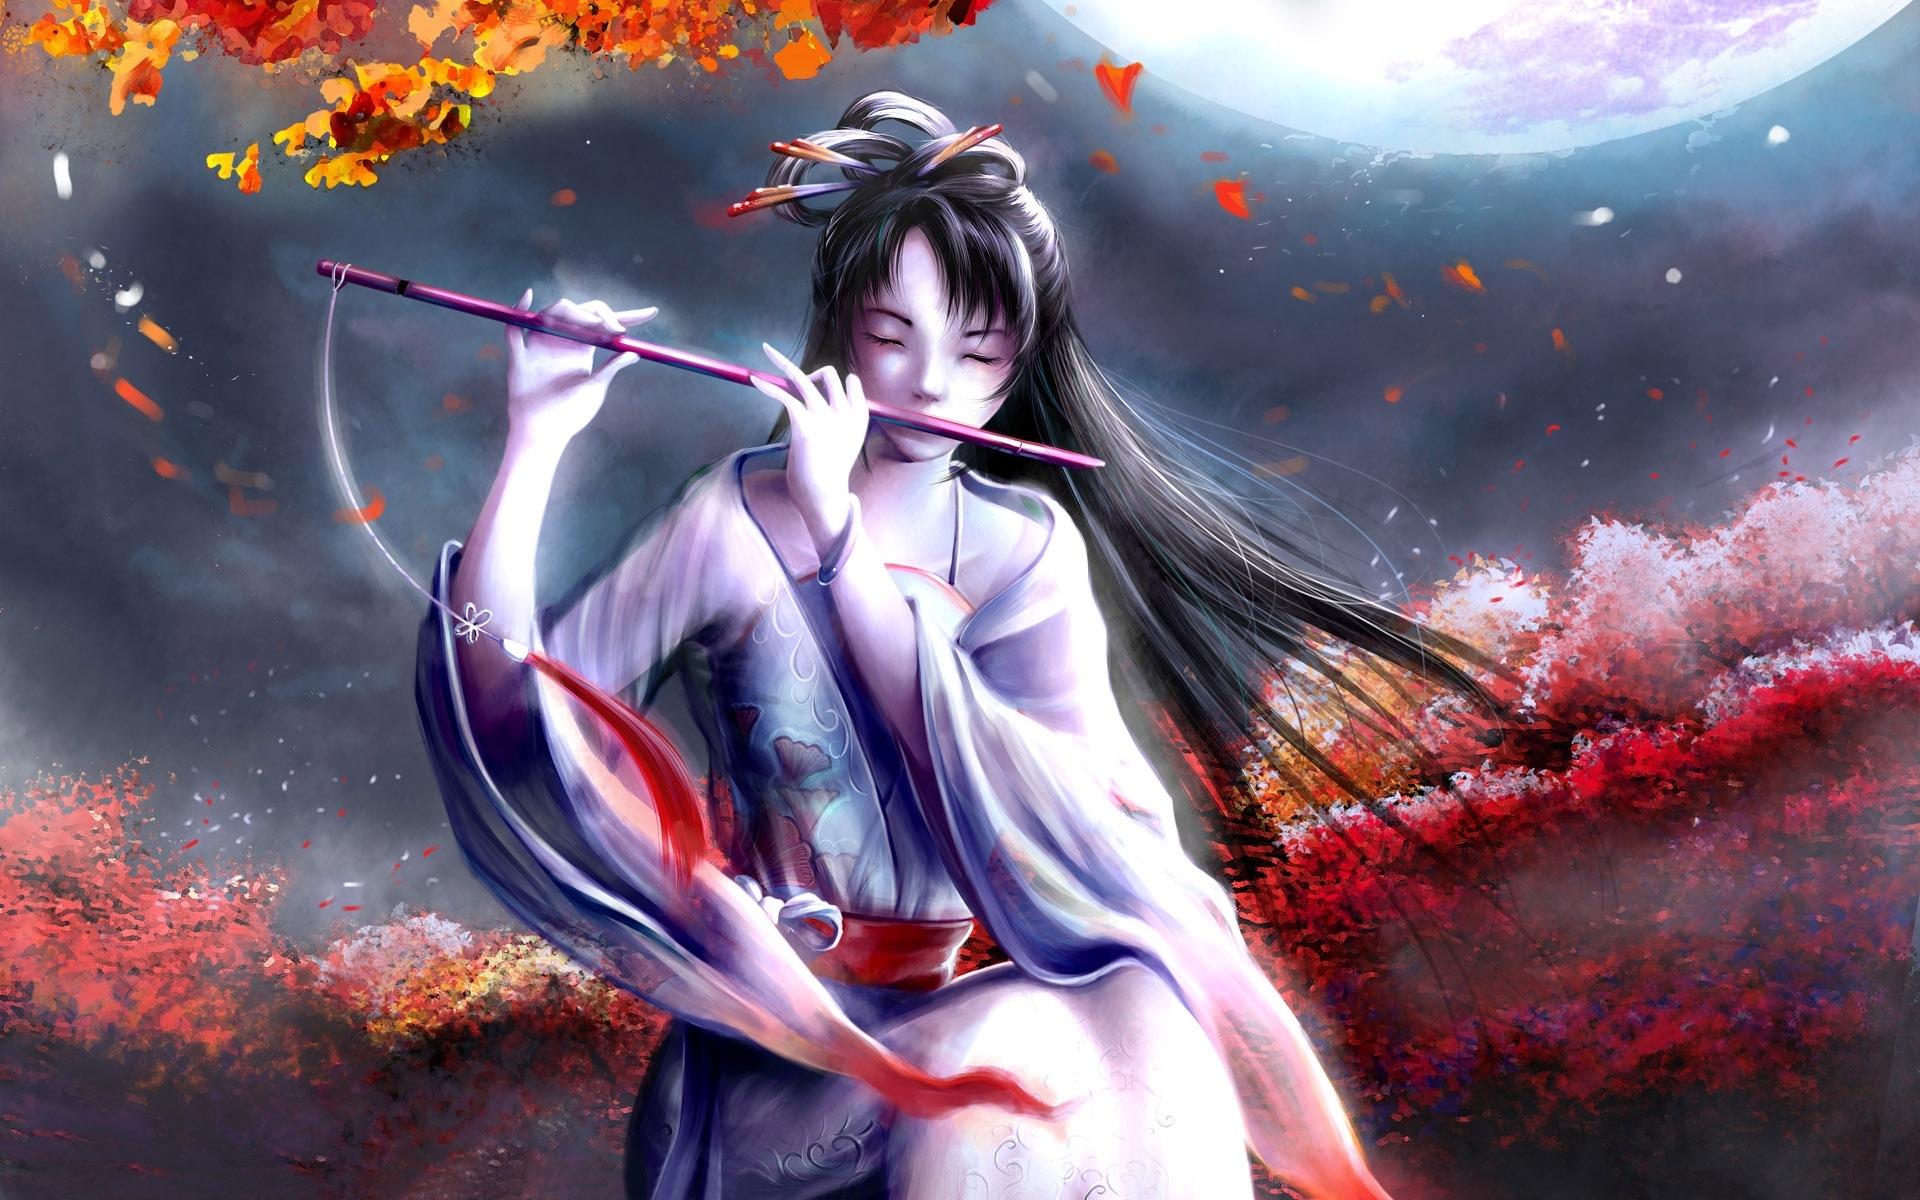 Anime Flute Girl